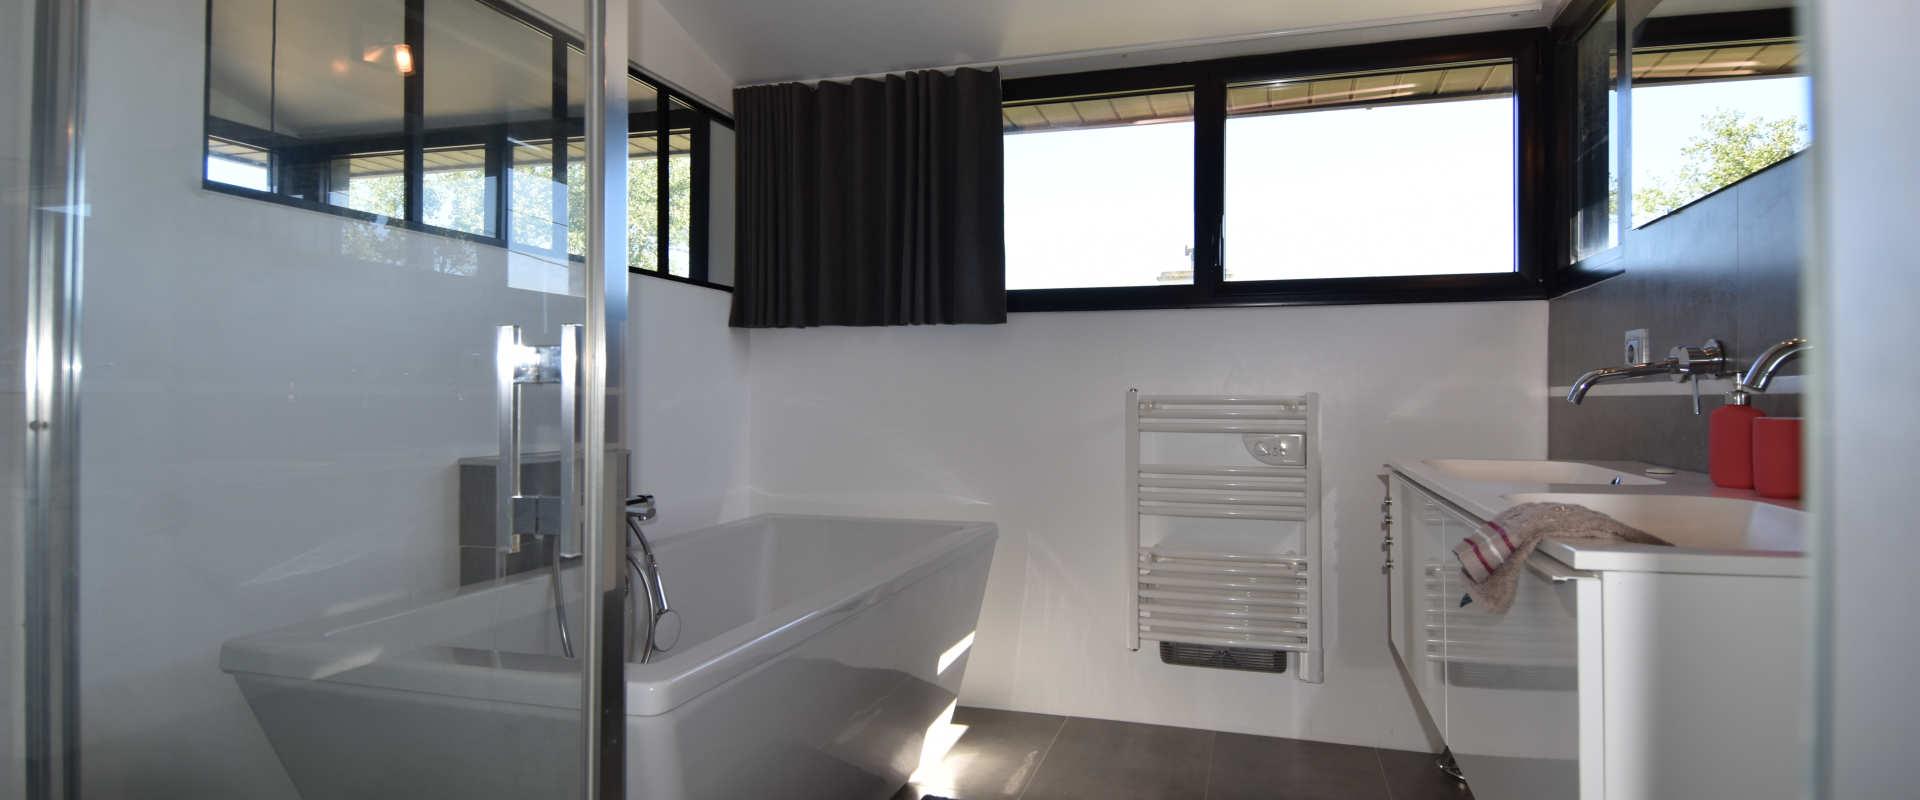 guinel3salle-de-bain-etage.jpg